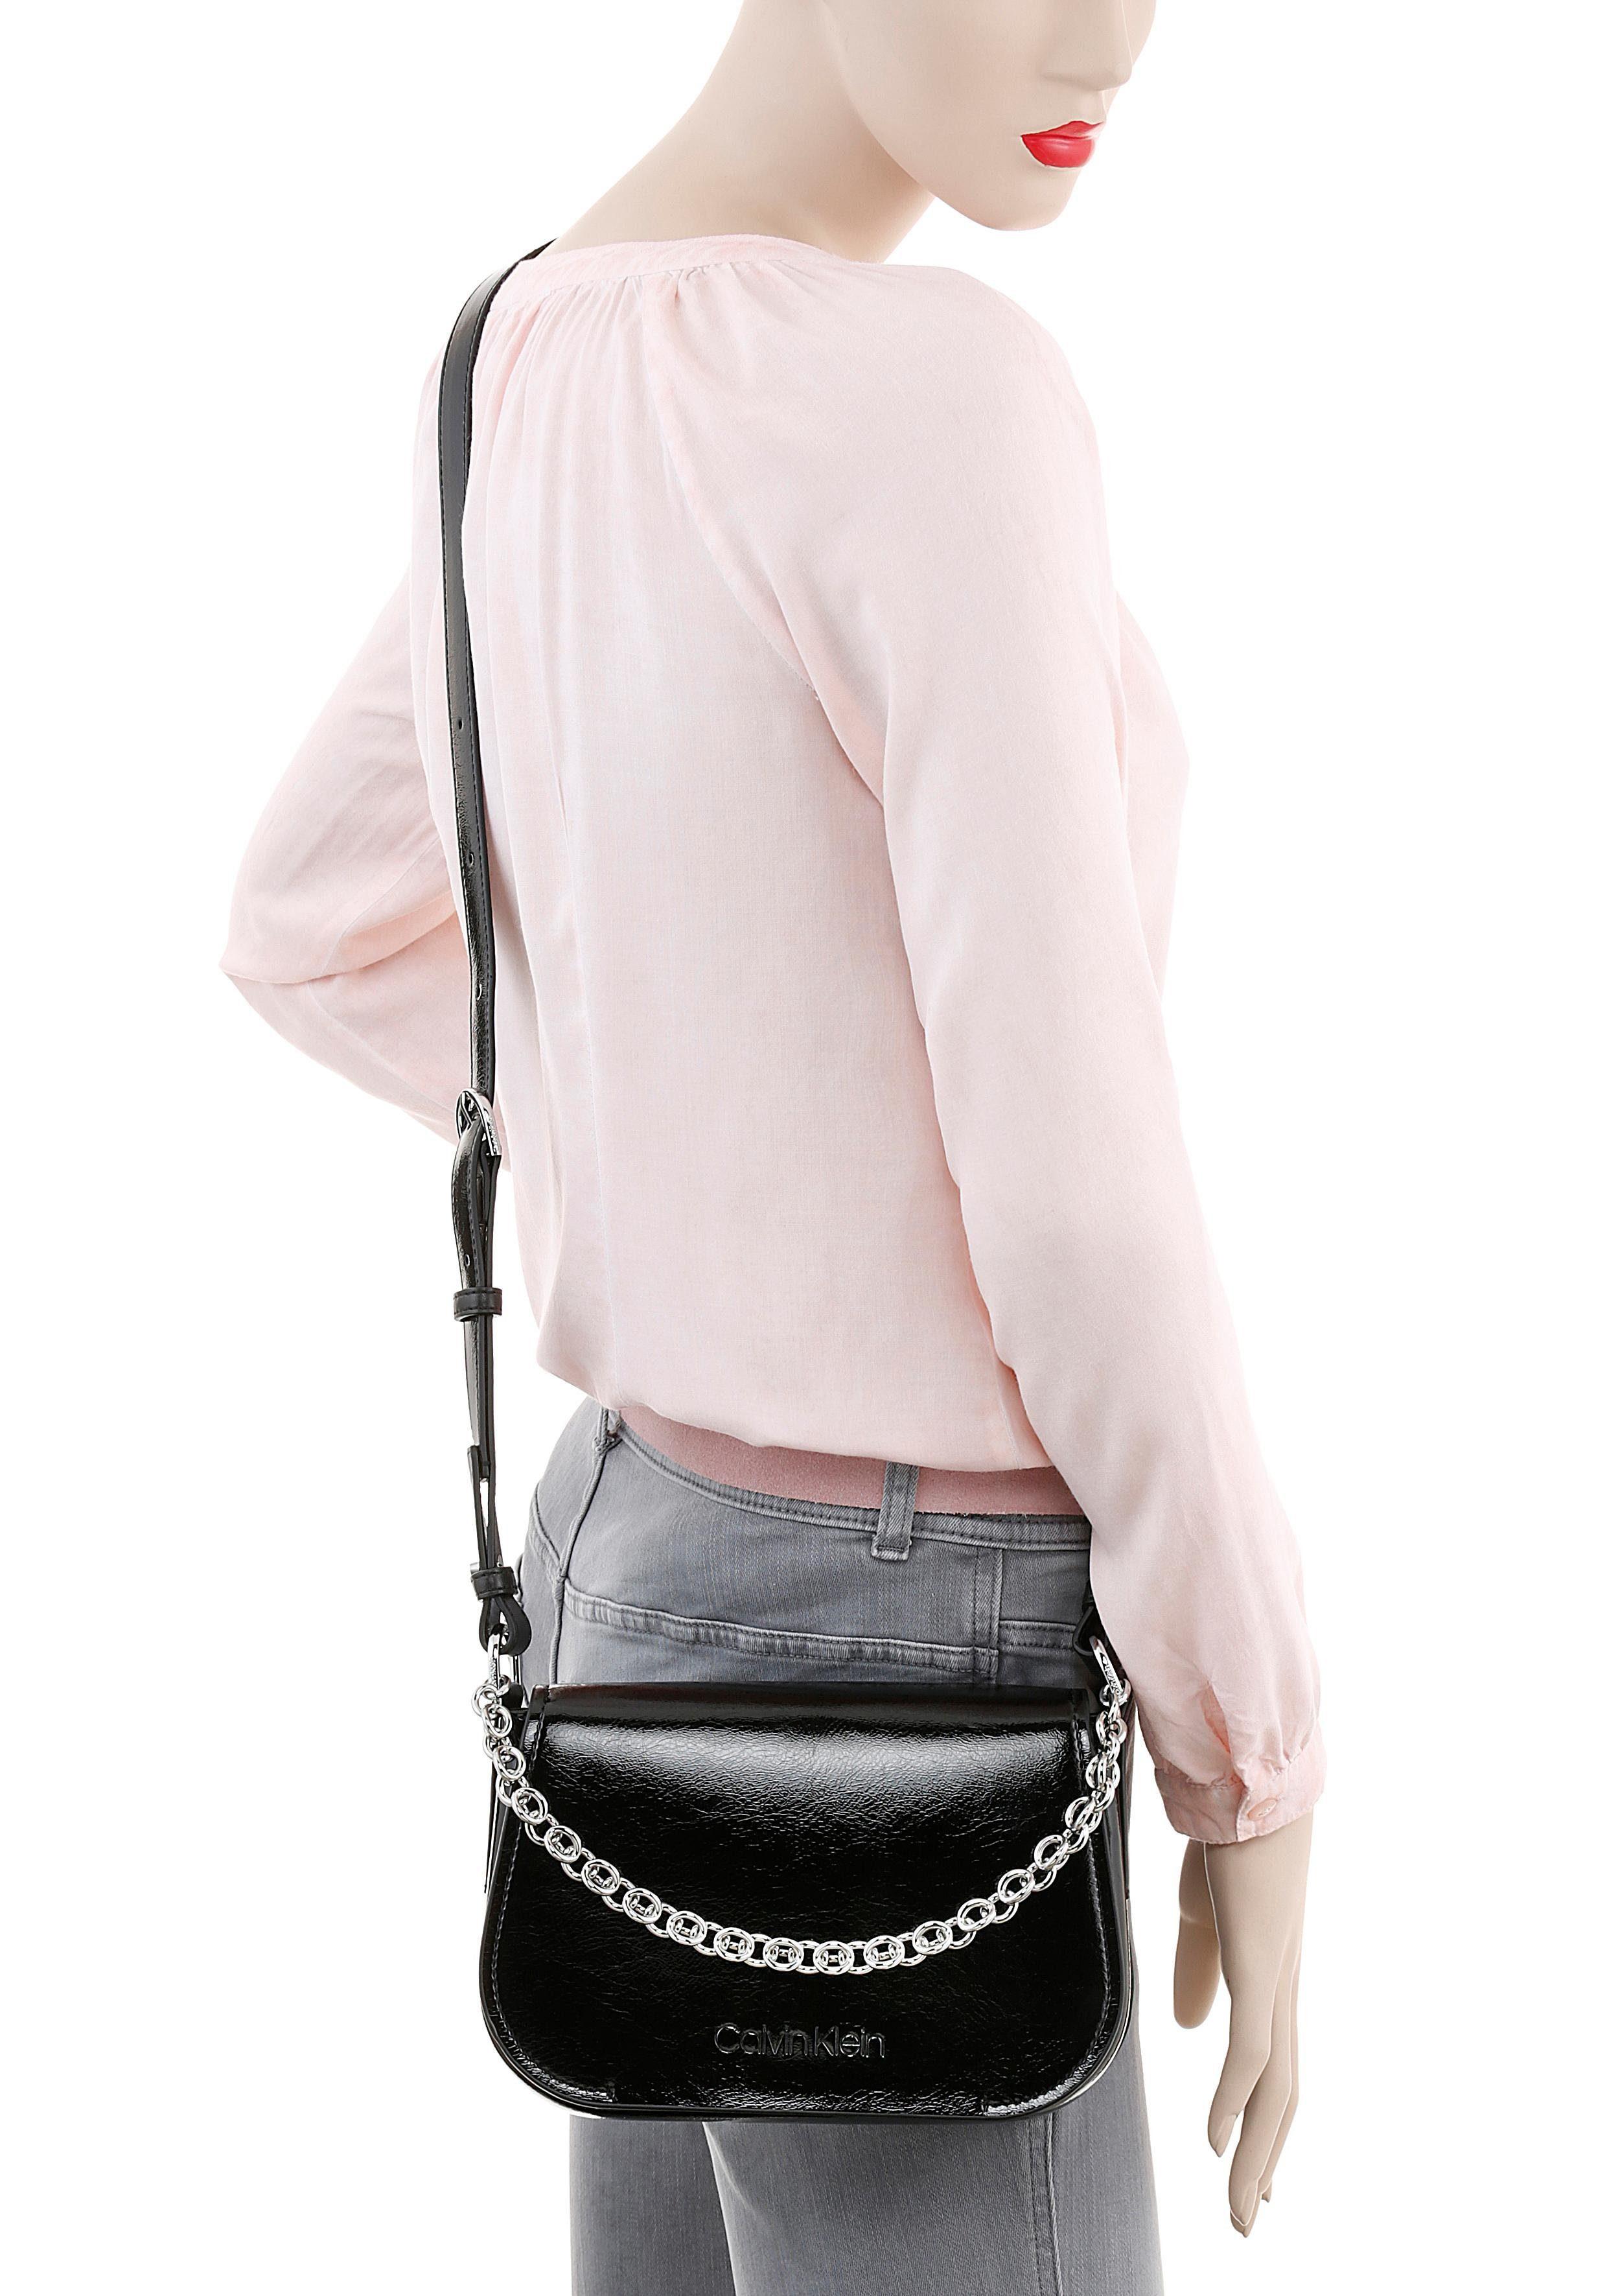 Shoulder Up Calvin »dressed Umhängetasche Bag« Silberfarbenen Klein Mit Kettendetails qwqtIO7S